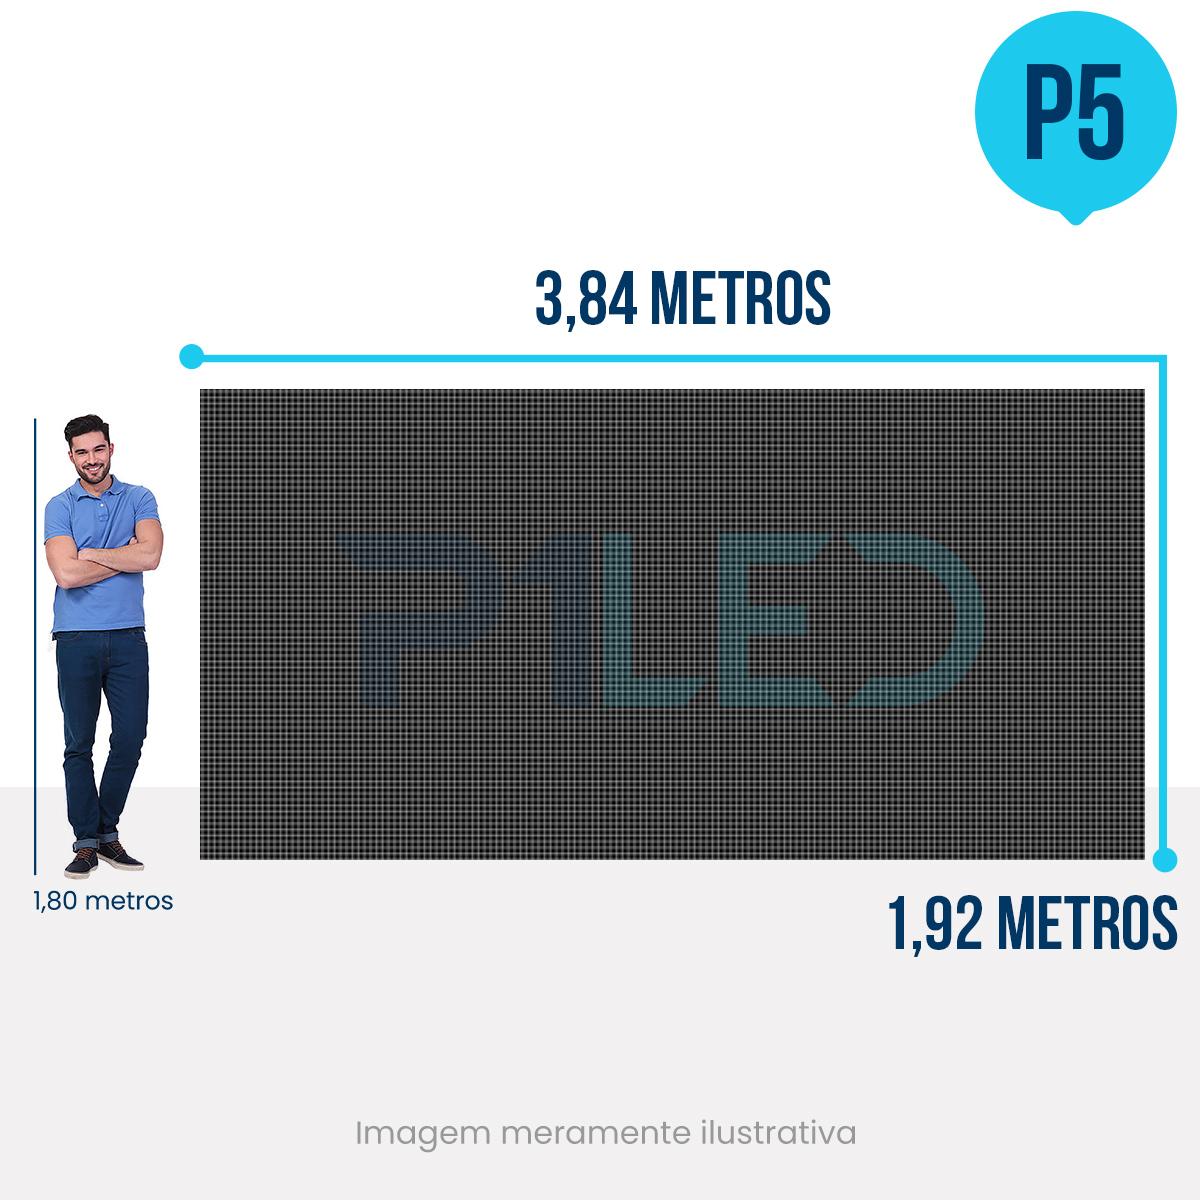 Painel de LED para Igreja 3,84 x 1,92- Telão P5 Indoor  - Painel e Telão de LED - O Melhor Preço em Painel de LED   P1LED